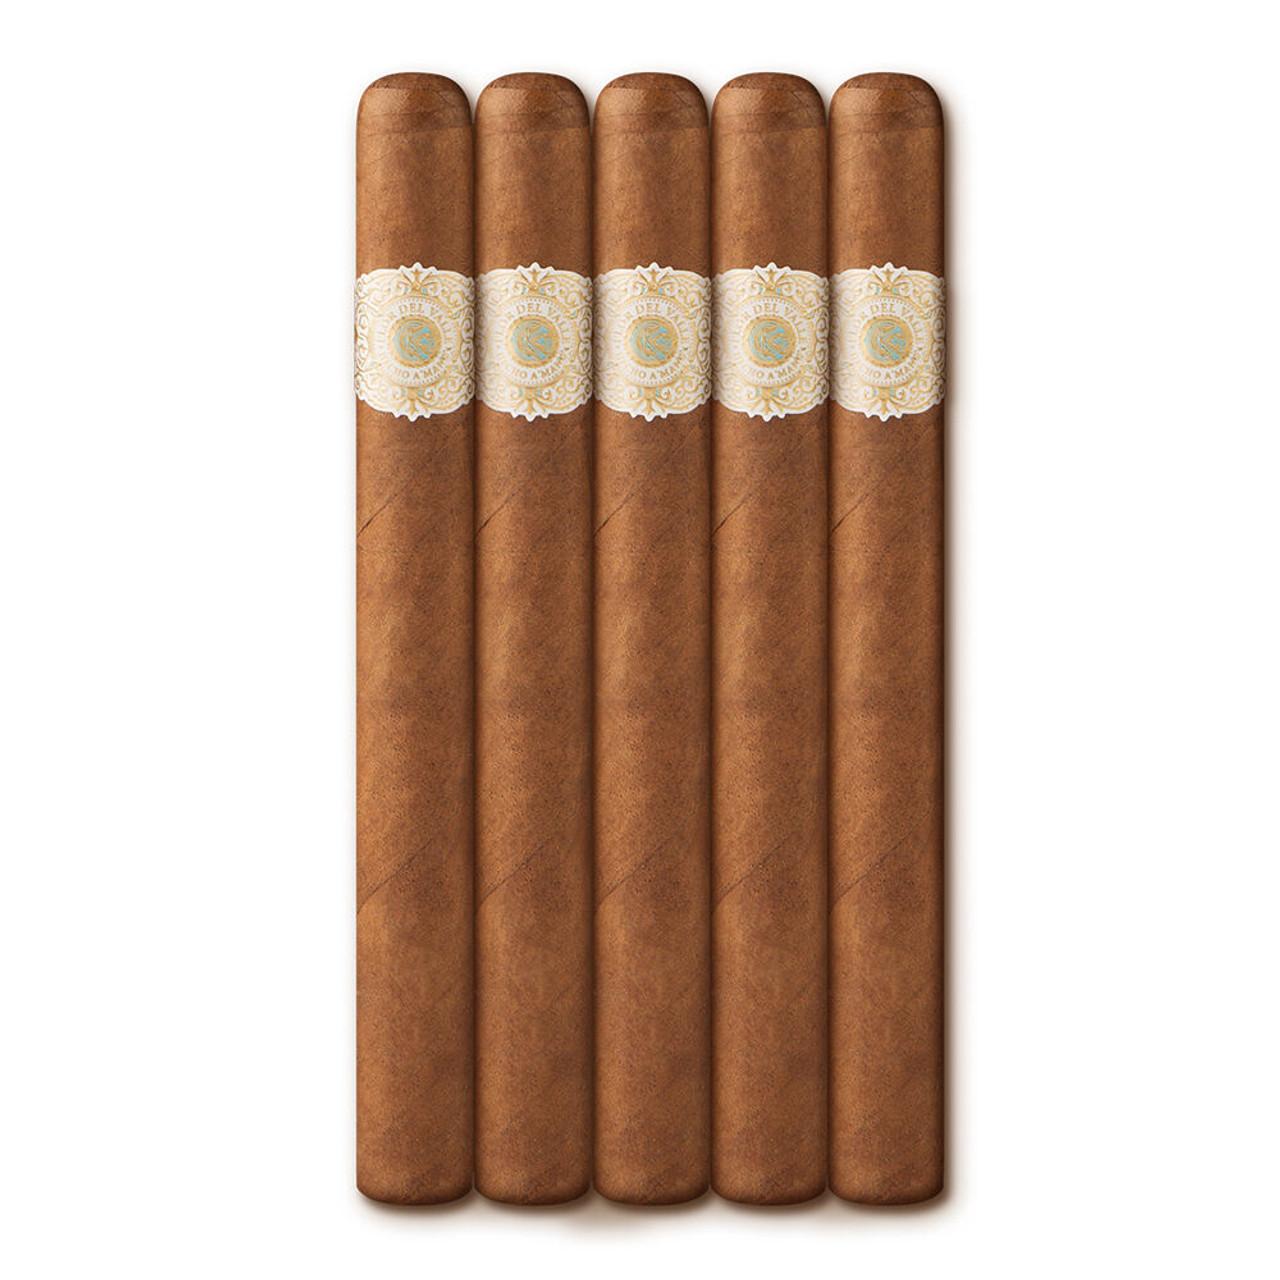 Warped Flor del Valle Cristales Cigars - 6 x 42 (Pack of 5)